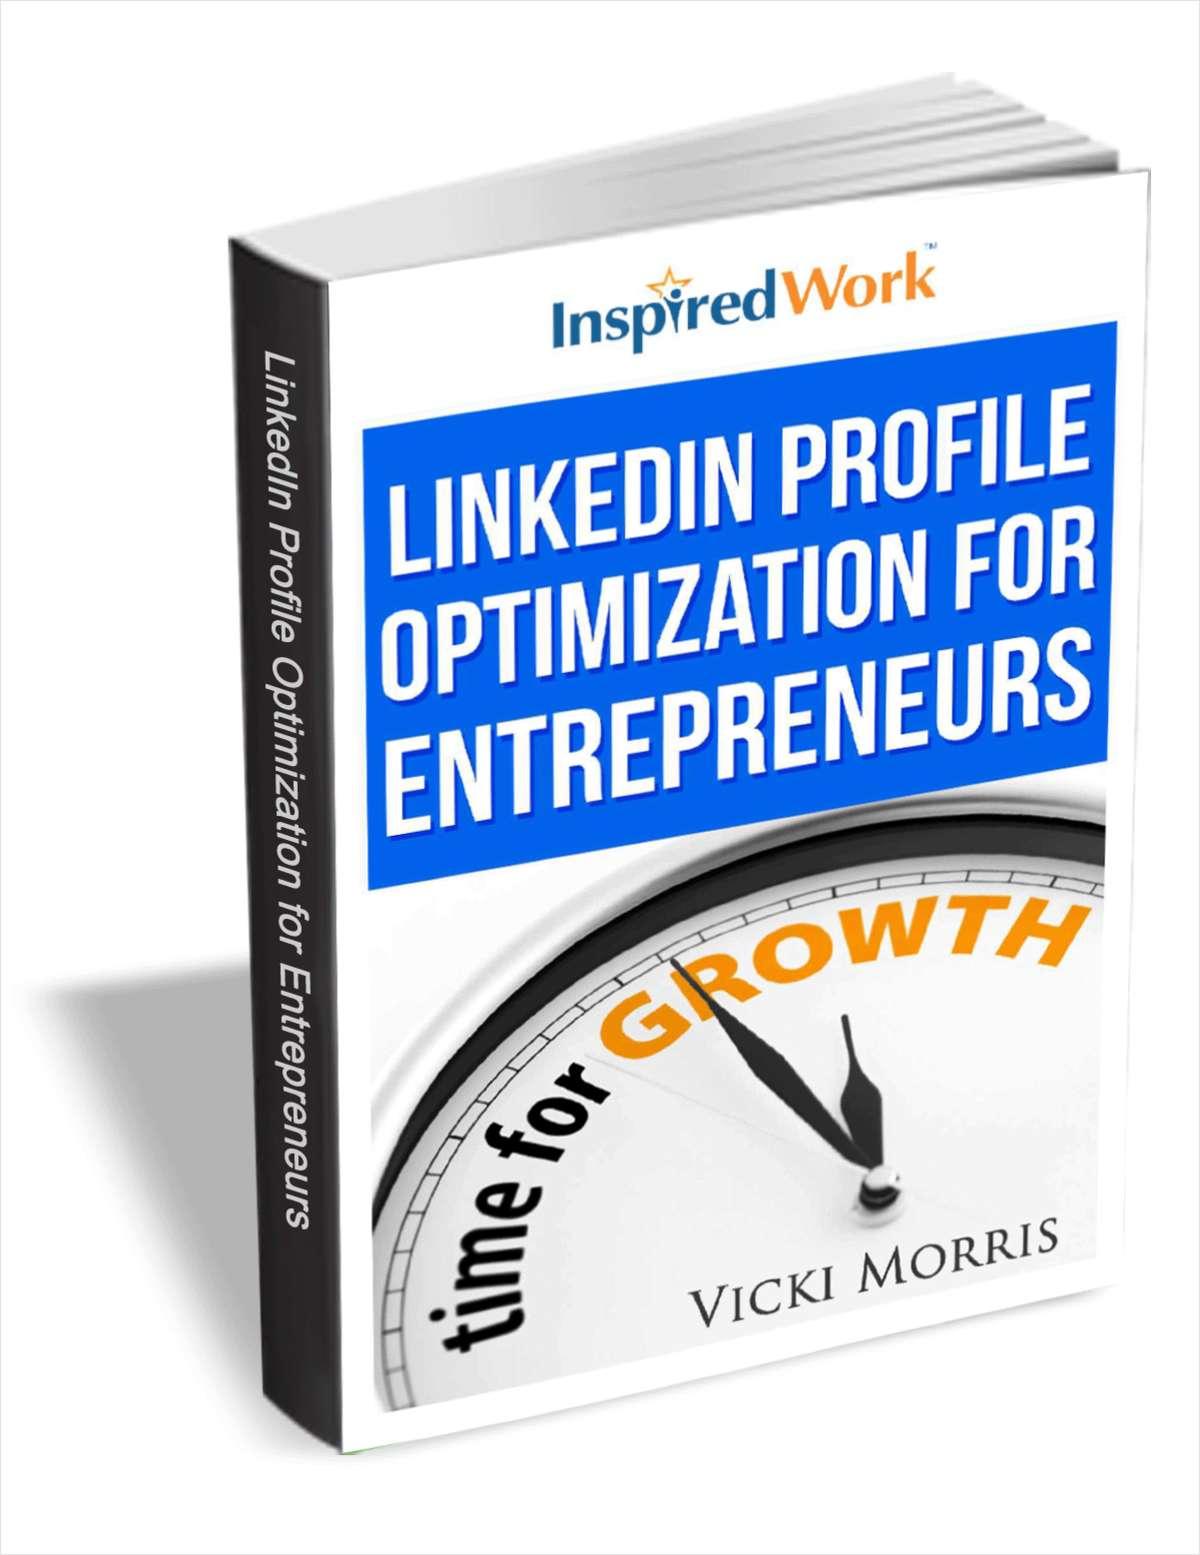 LinkedIn Profile Optimization for Entrepreneurs